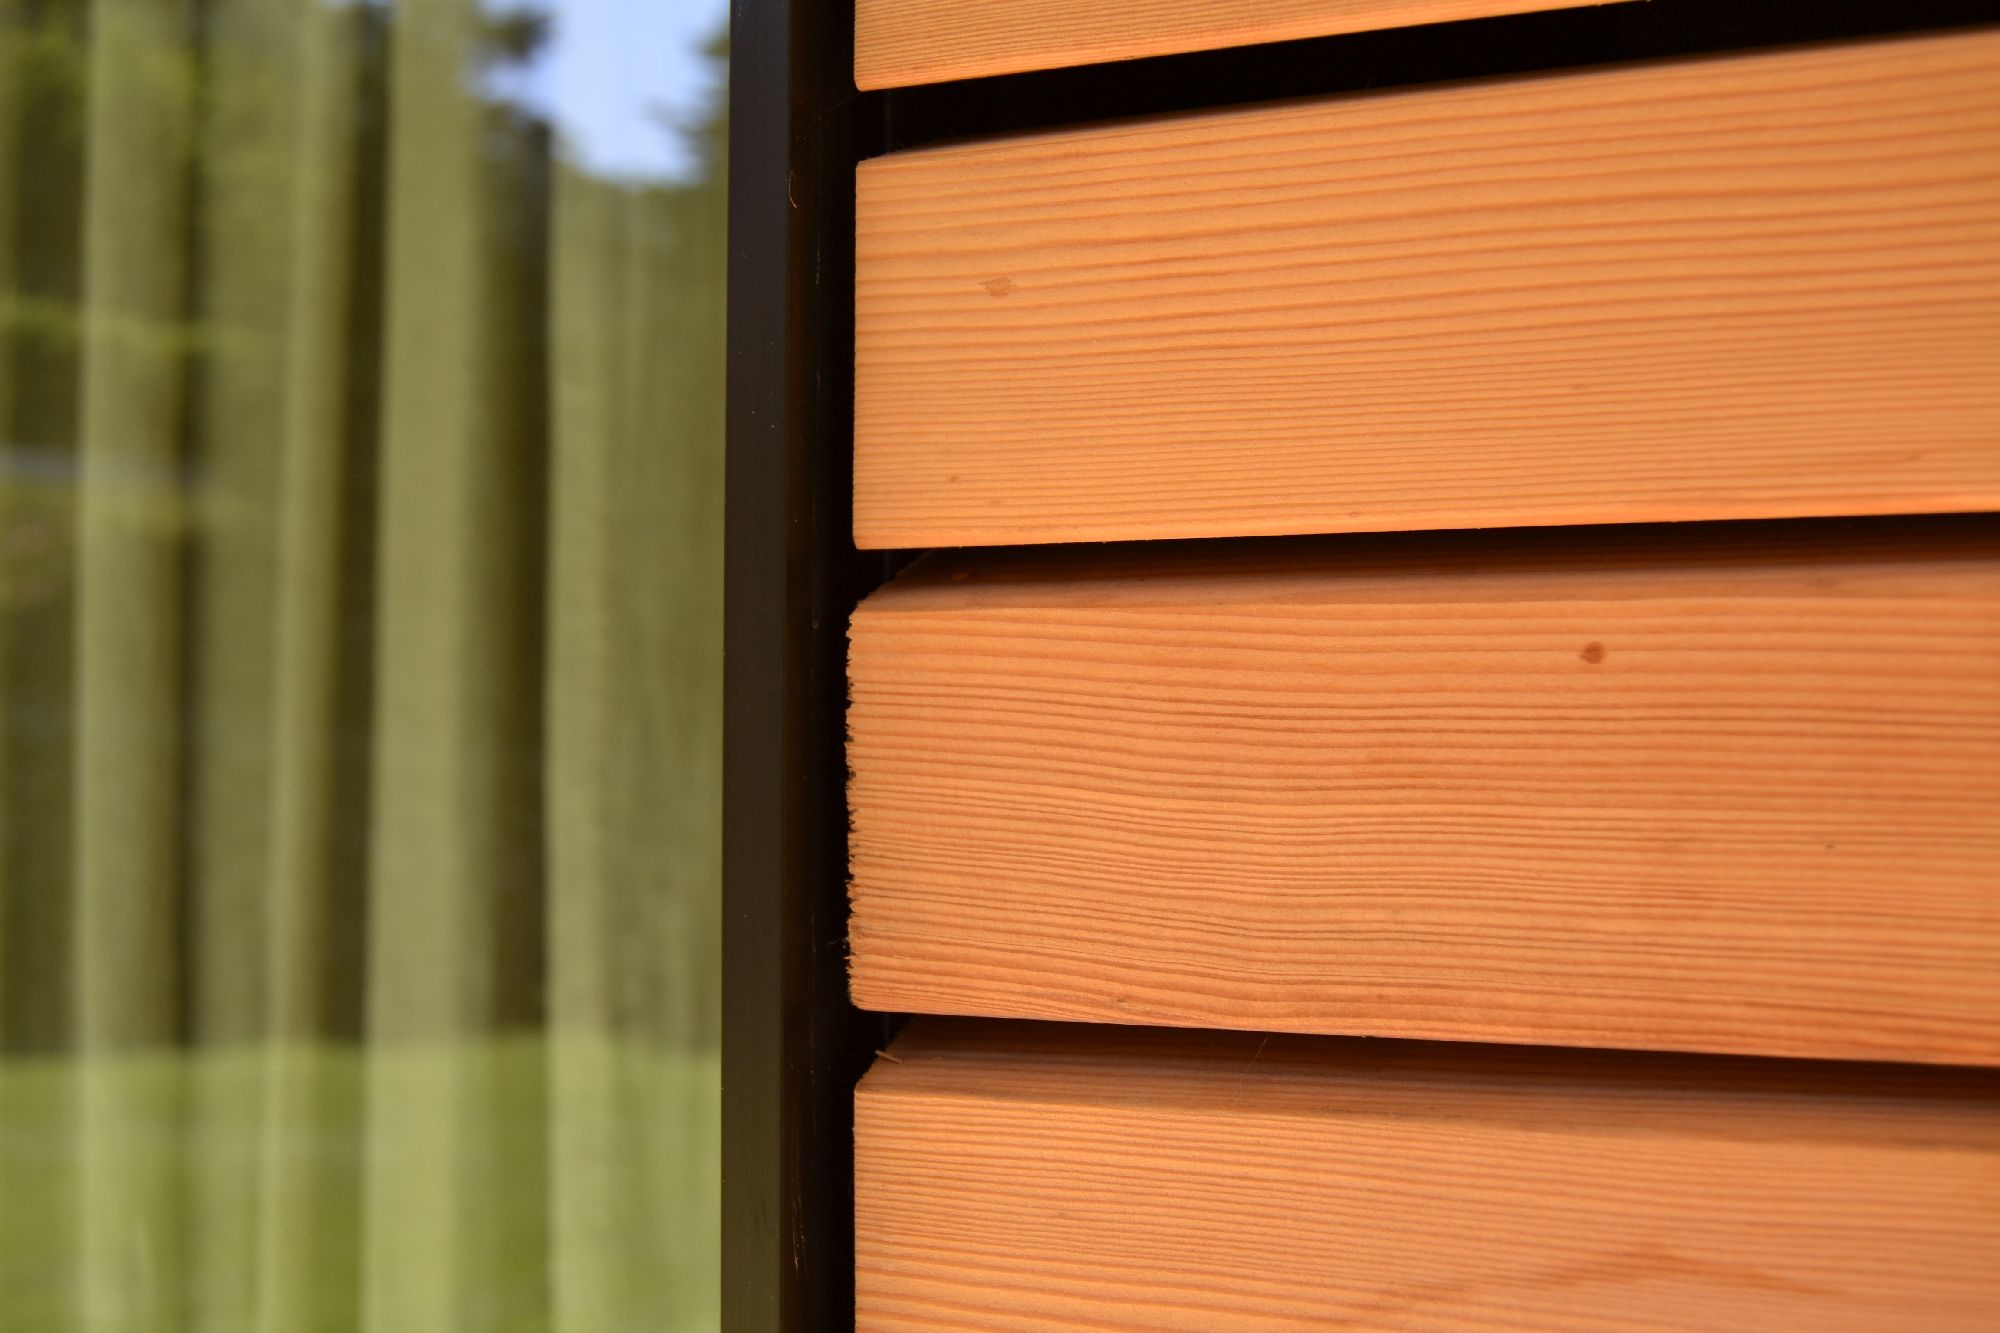 Pareti Esterne In Legno : Larice siberiano netto nodi rivestimenti in legno per pareti